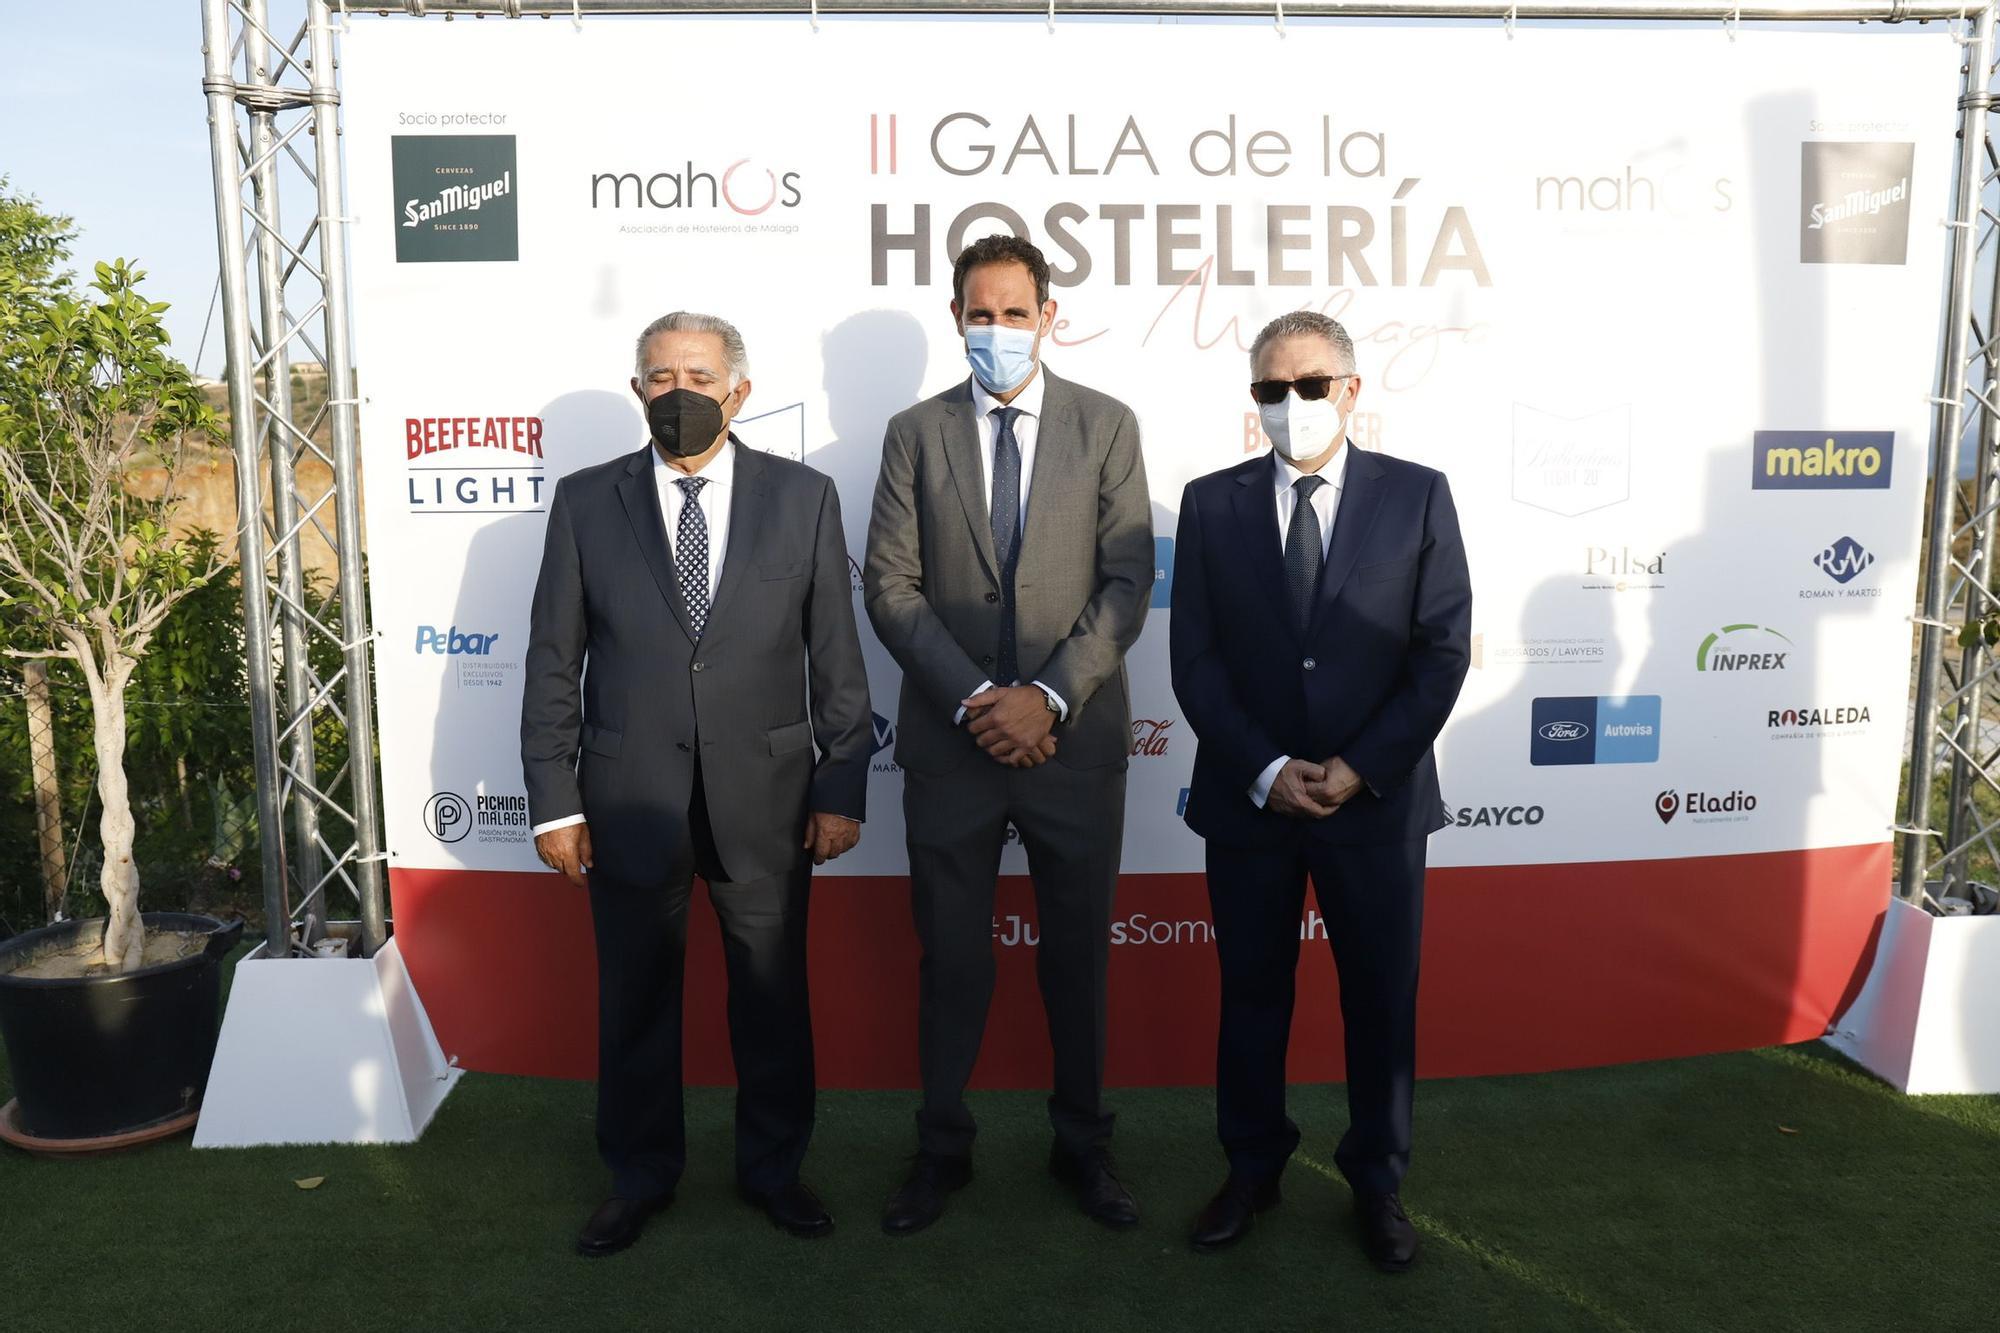 Imágenes de la II gala de la hostelería malagueña